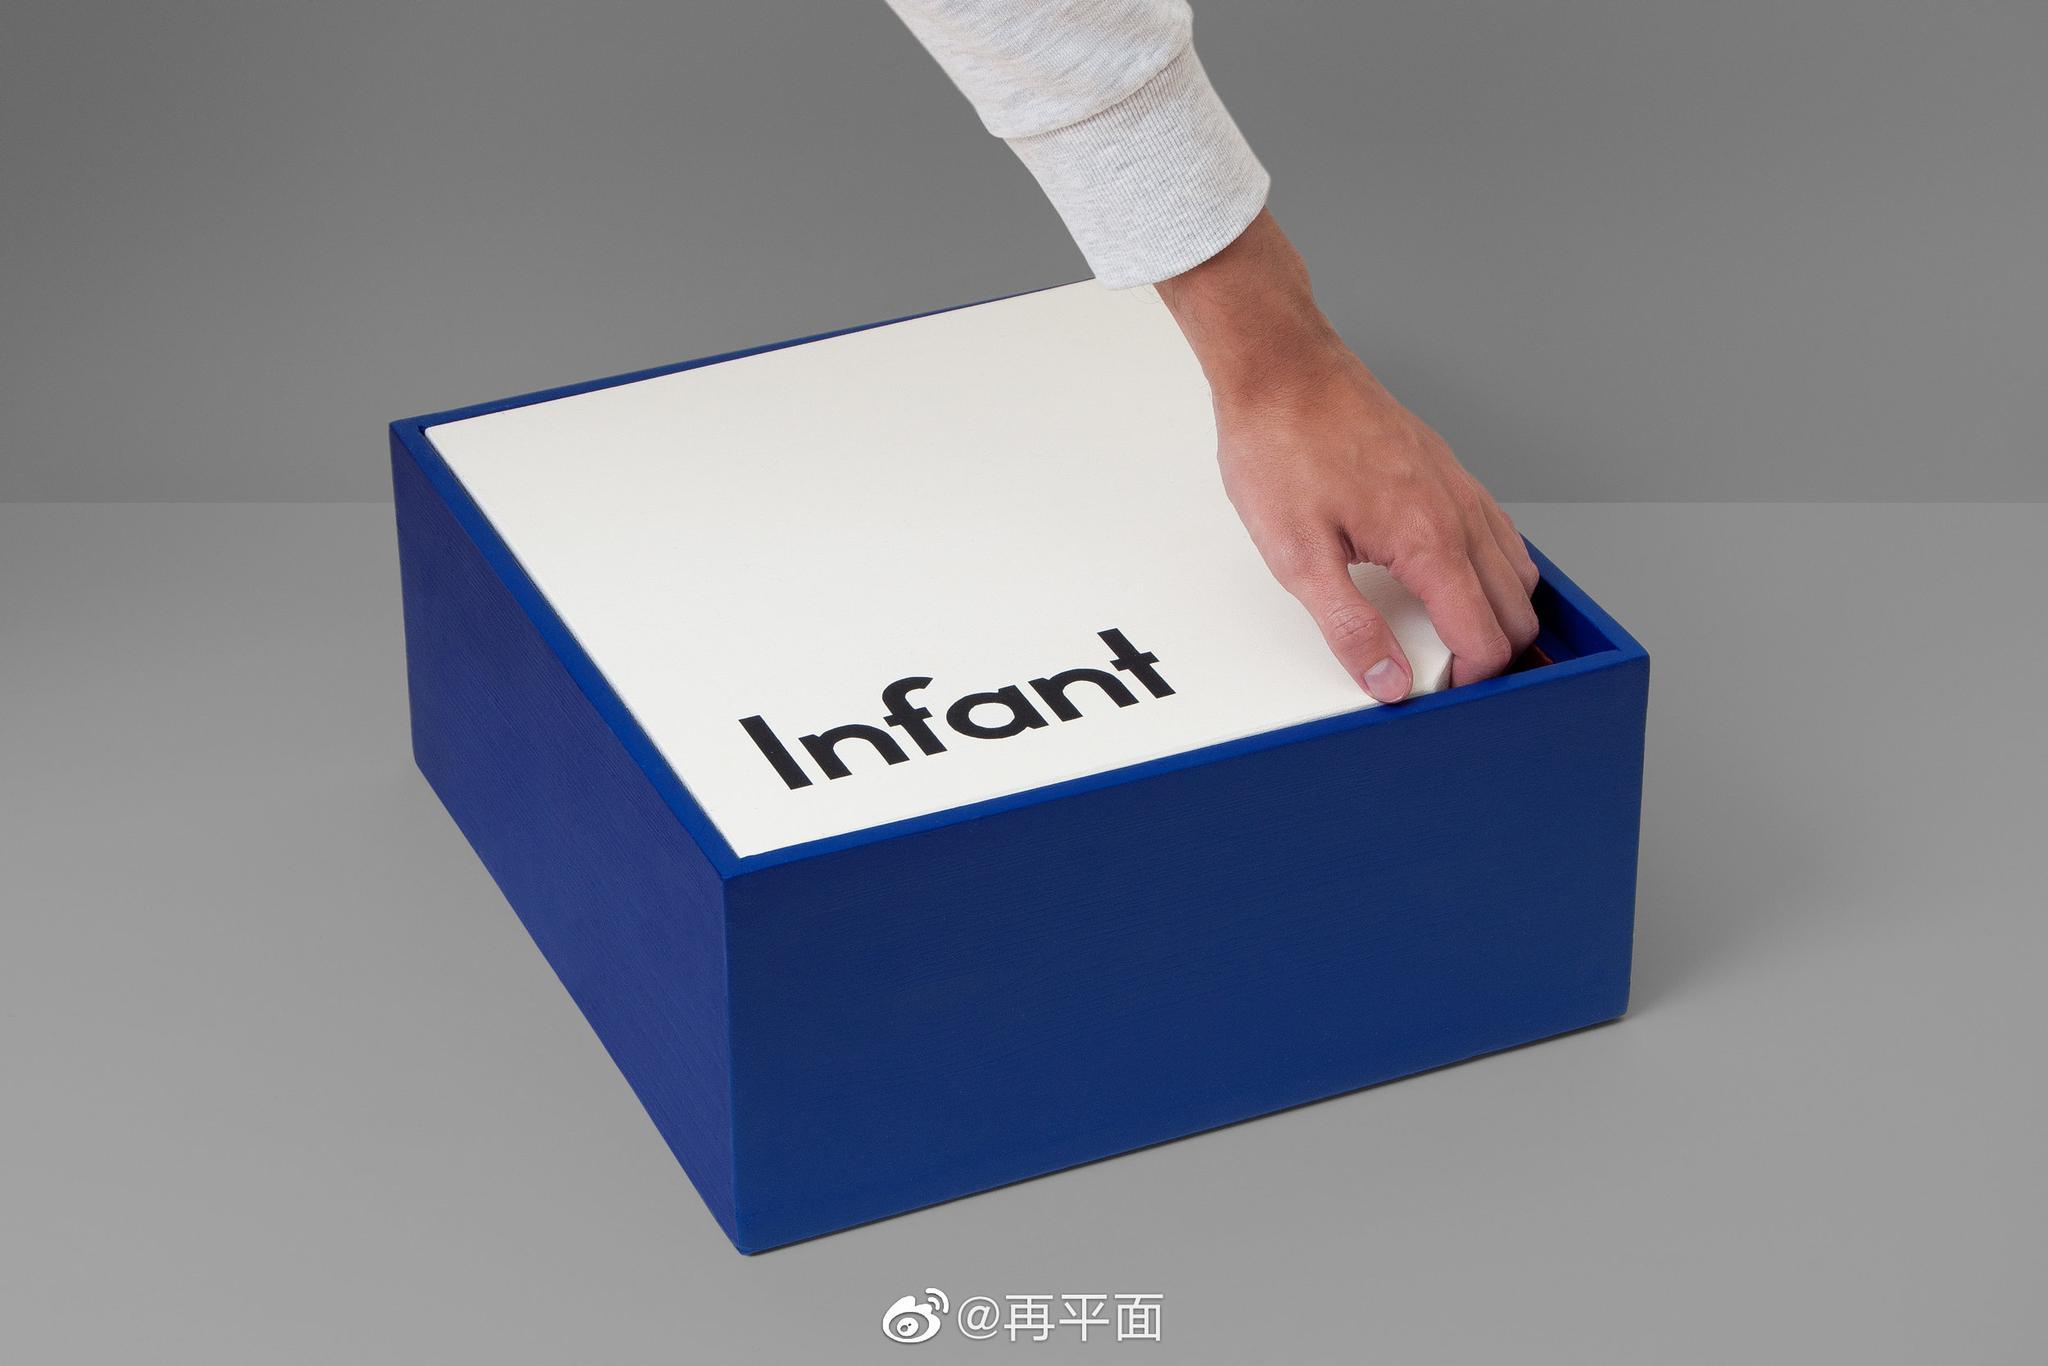 《Infant Font》这套字体由平面设计师Johanne Lian Olsen设计